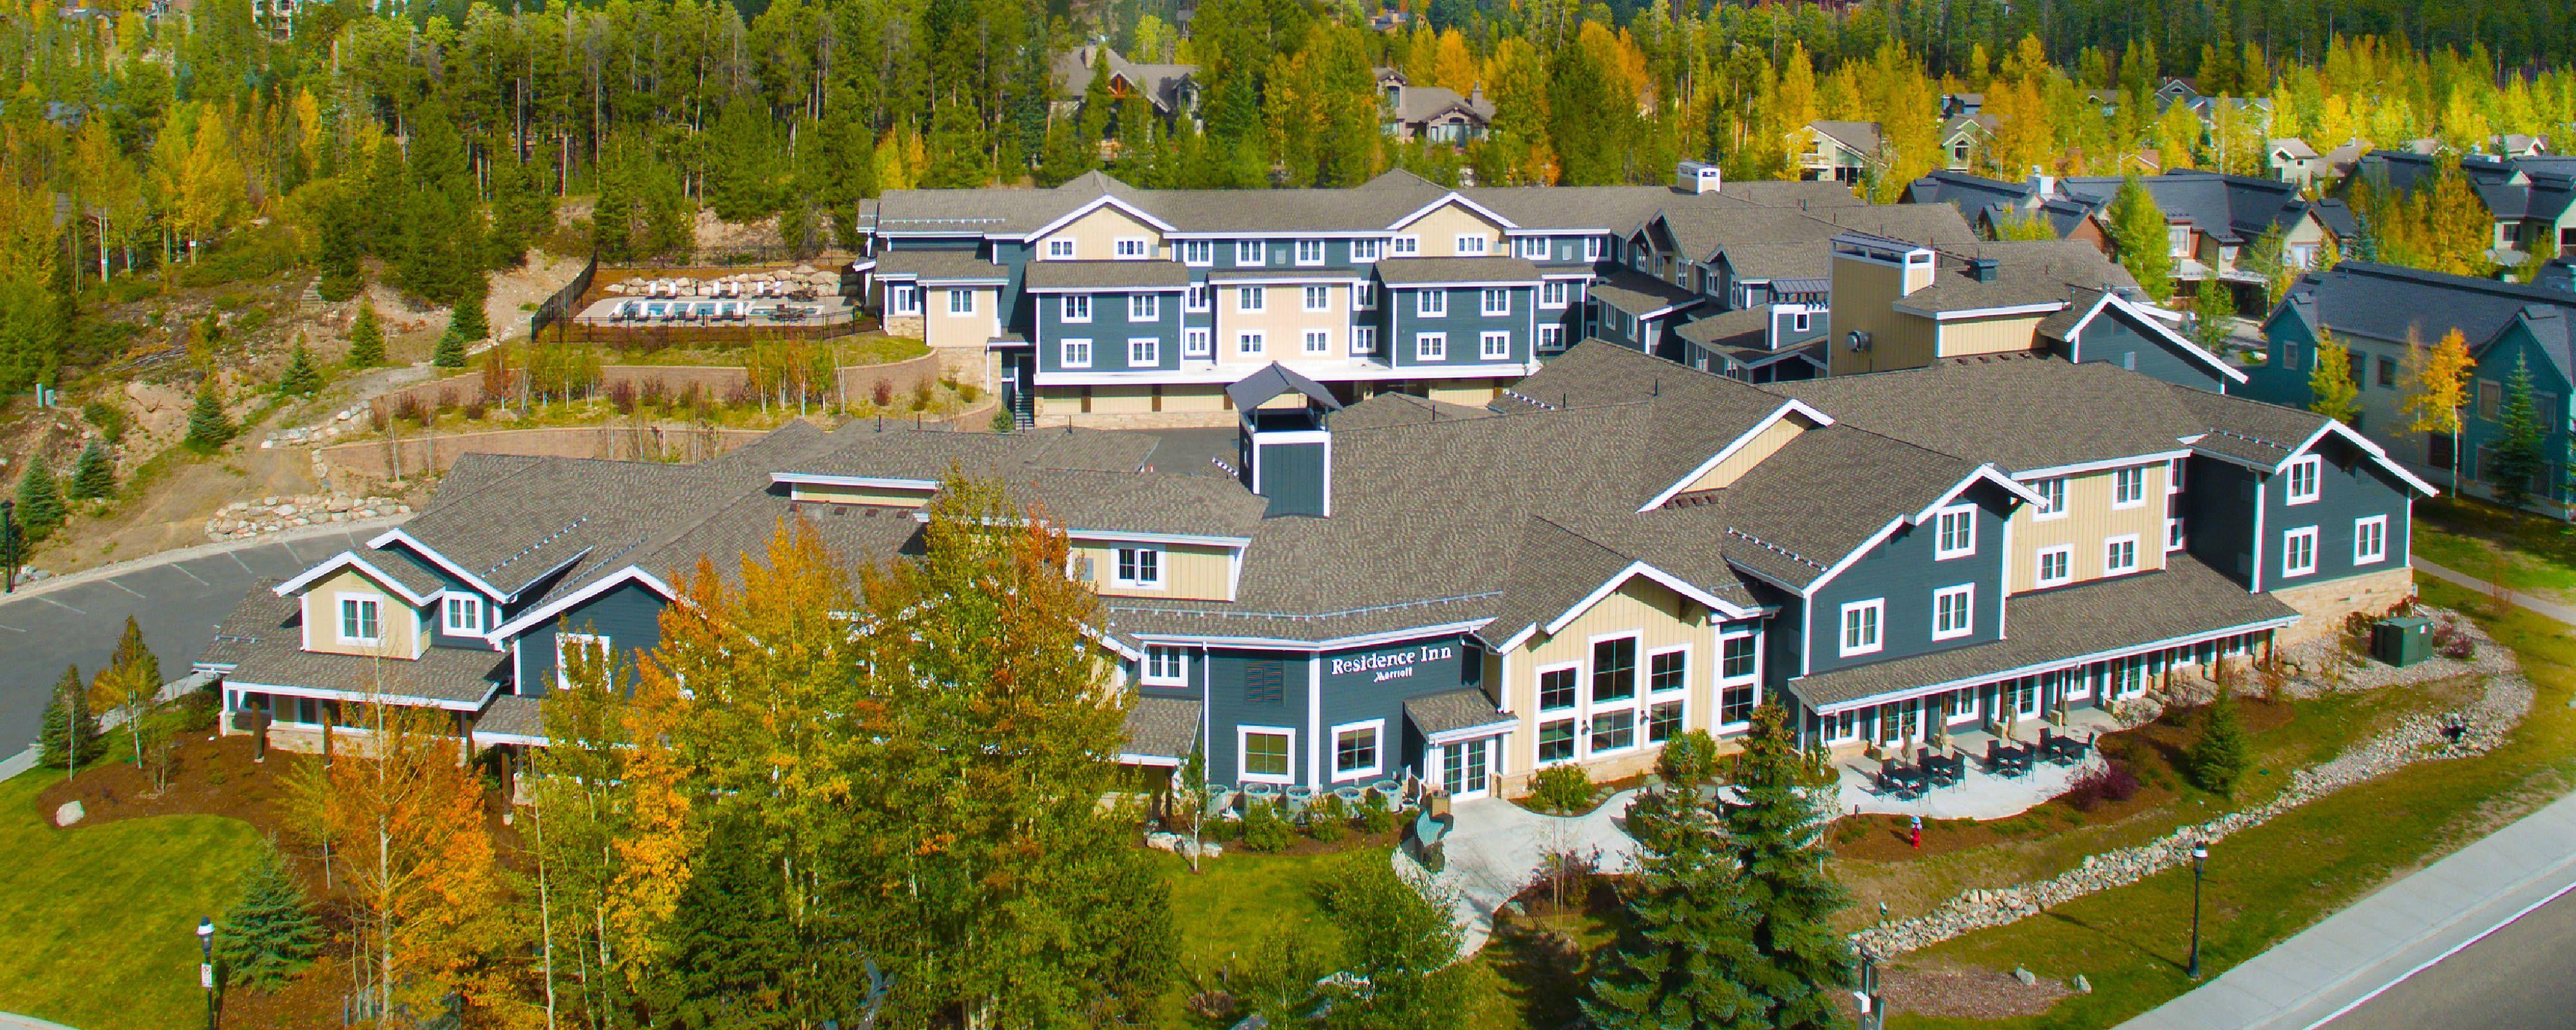 Residence Inn Breckenridge Modern hotel, Residences, Inn